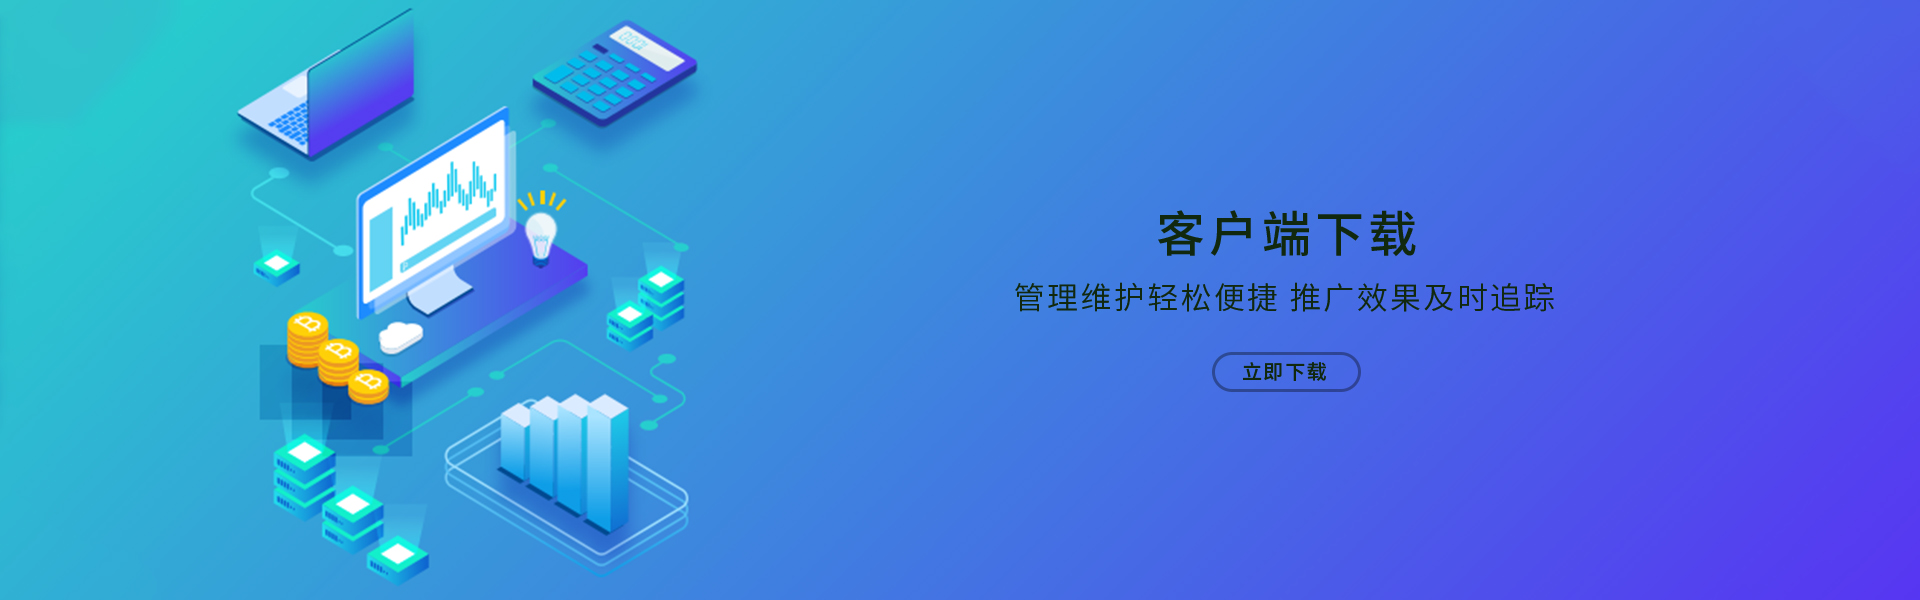 唐山网络公司